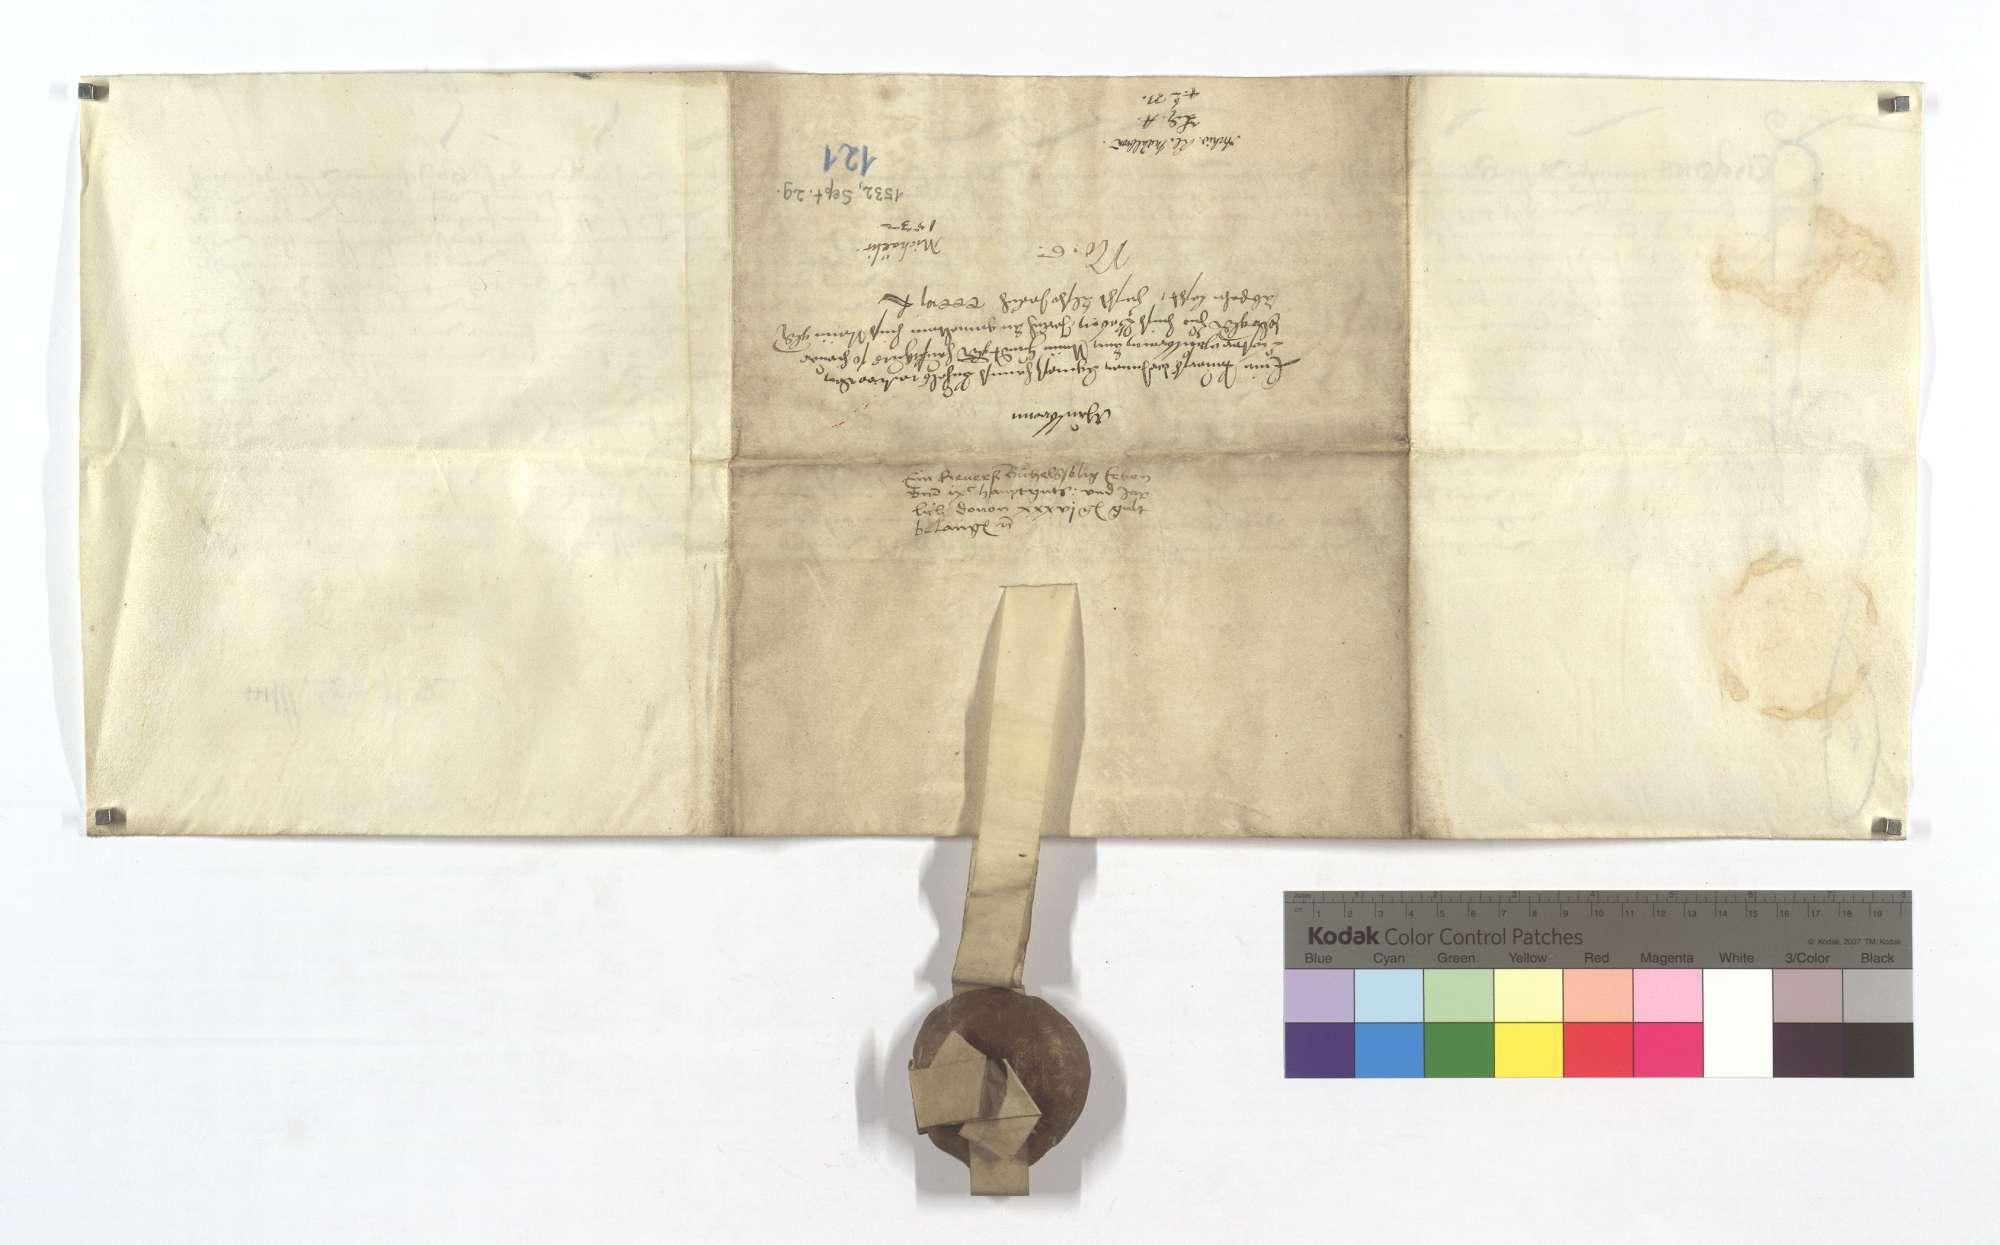 Verschreibung von Agnes, Hans Bühels Witwe, in der sie dem Kloster Maulbronn an den ihr aus einem Hauptgut von 900 Gulden schuldigen Zinsen von 75 Gulden jährlich 9 Gulden nachgelassen hat., Rückseite